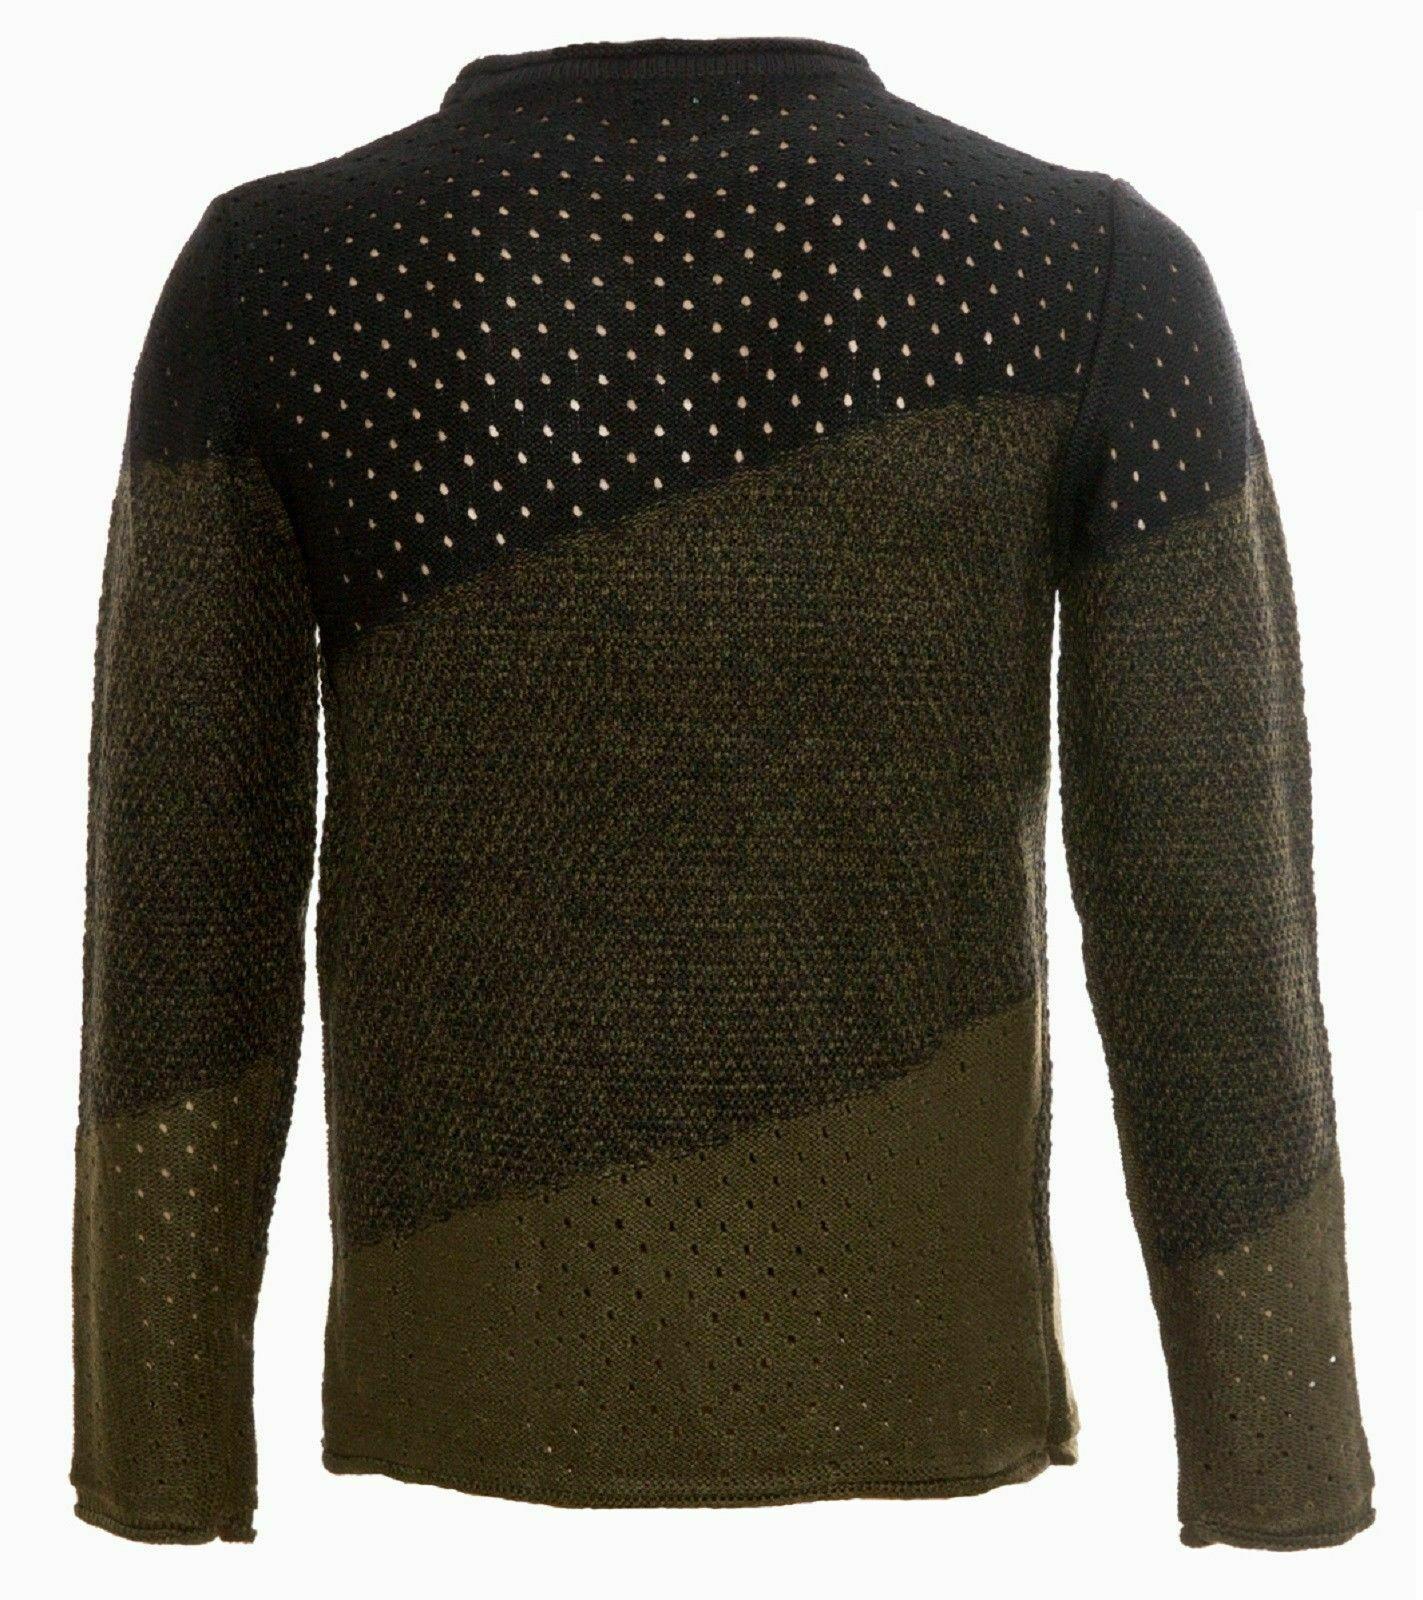 Maglione-uomo-Girocollo-Maglioncino-Invernale-Maglia-slim-fit-Pullover-Casual miniatura 18